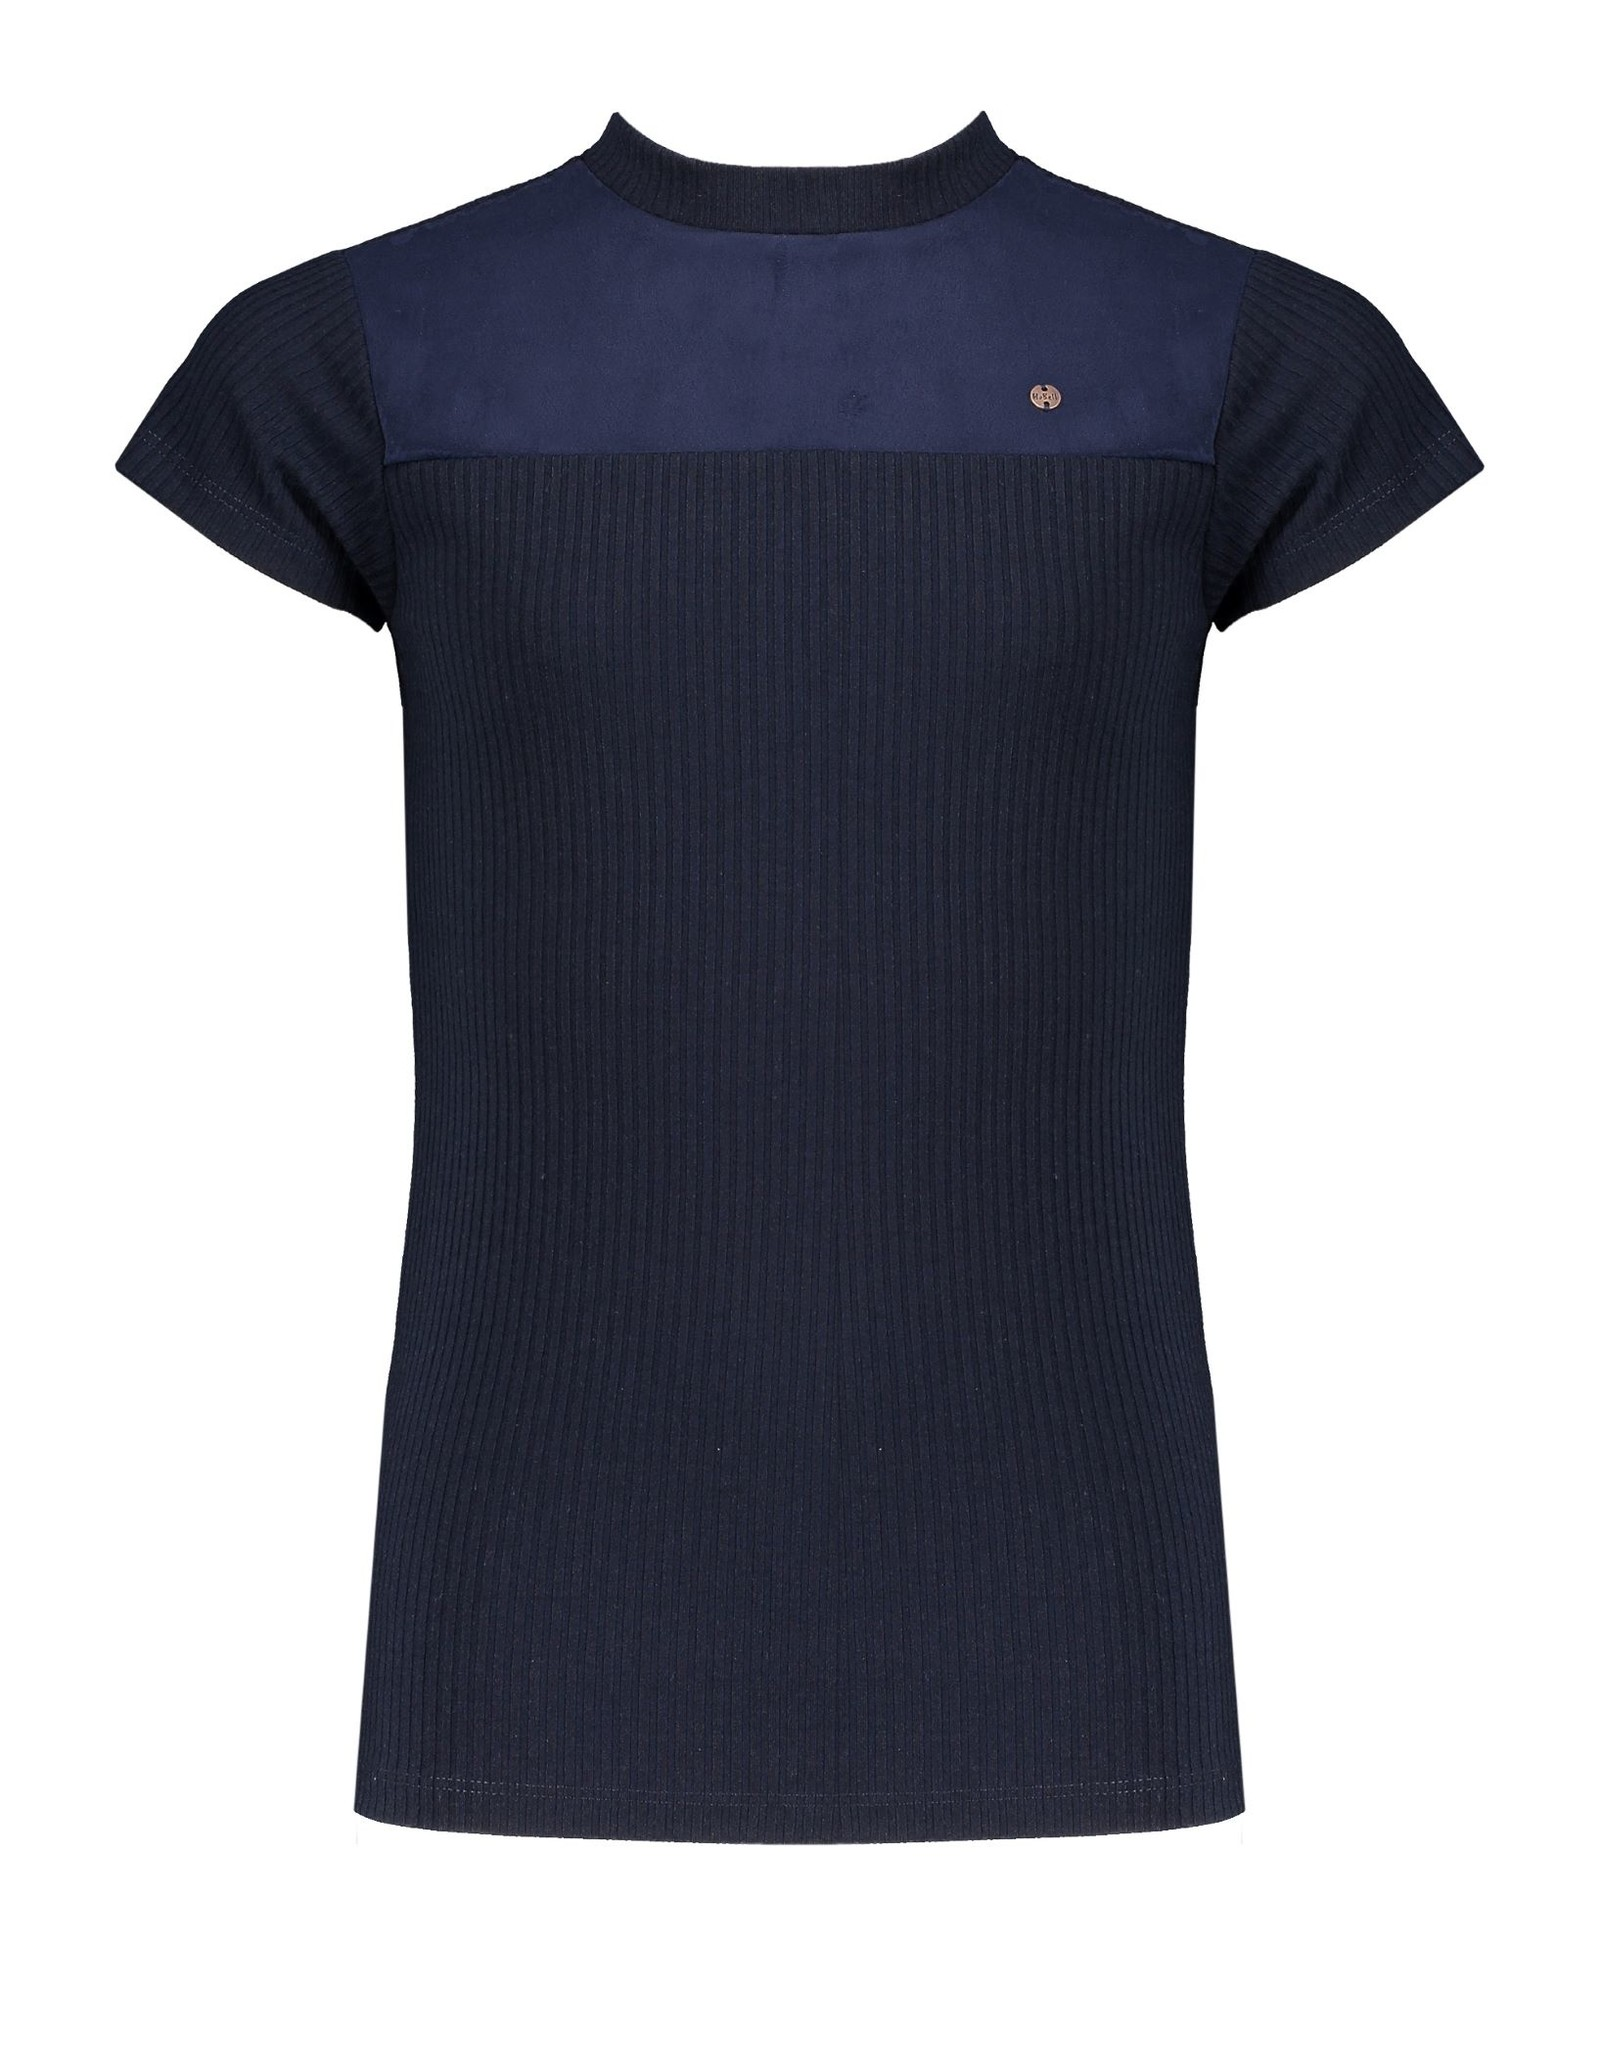 NoBell NoBell shirt 3401 grey navy